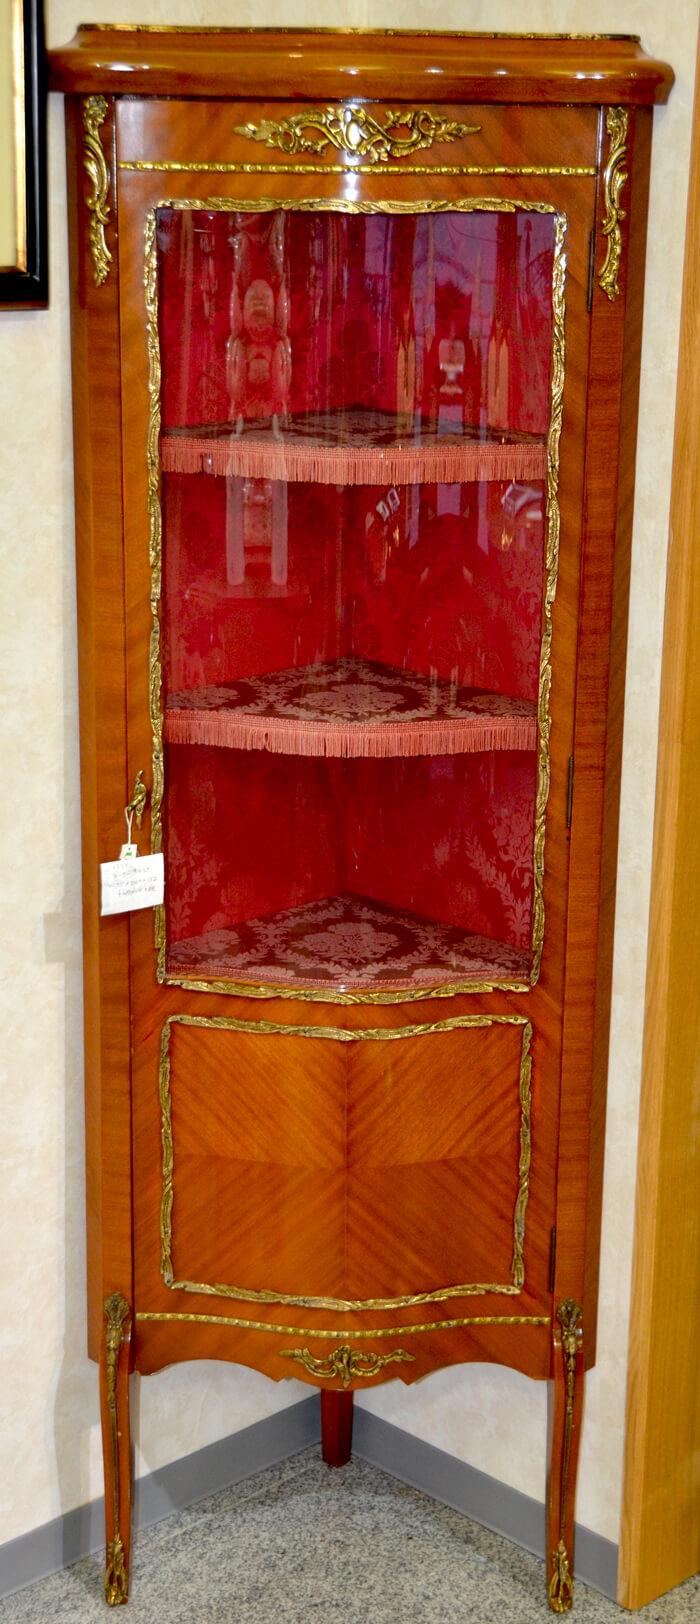 イタリア/コーナーキャビネット/茶/フロントガラス/ヨーロッパ輸入家具